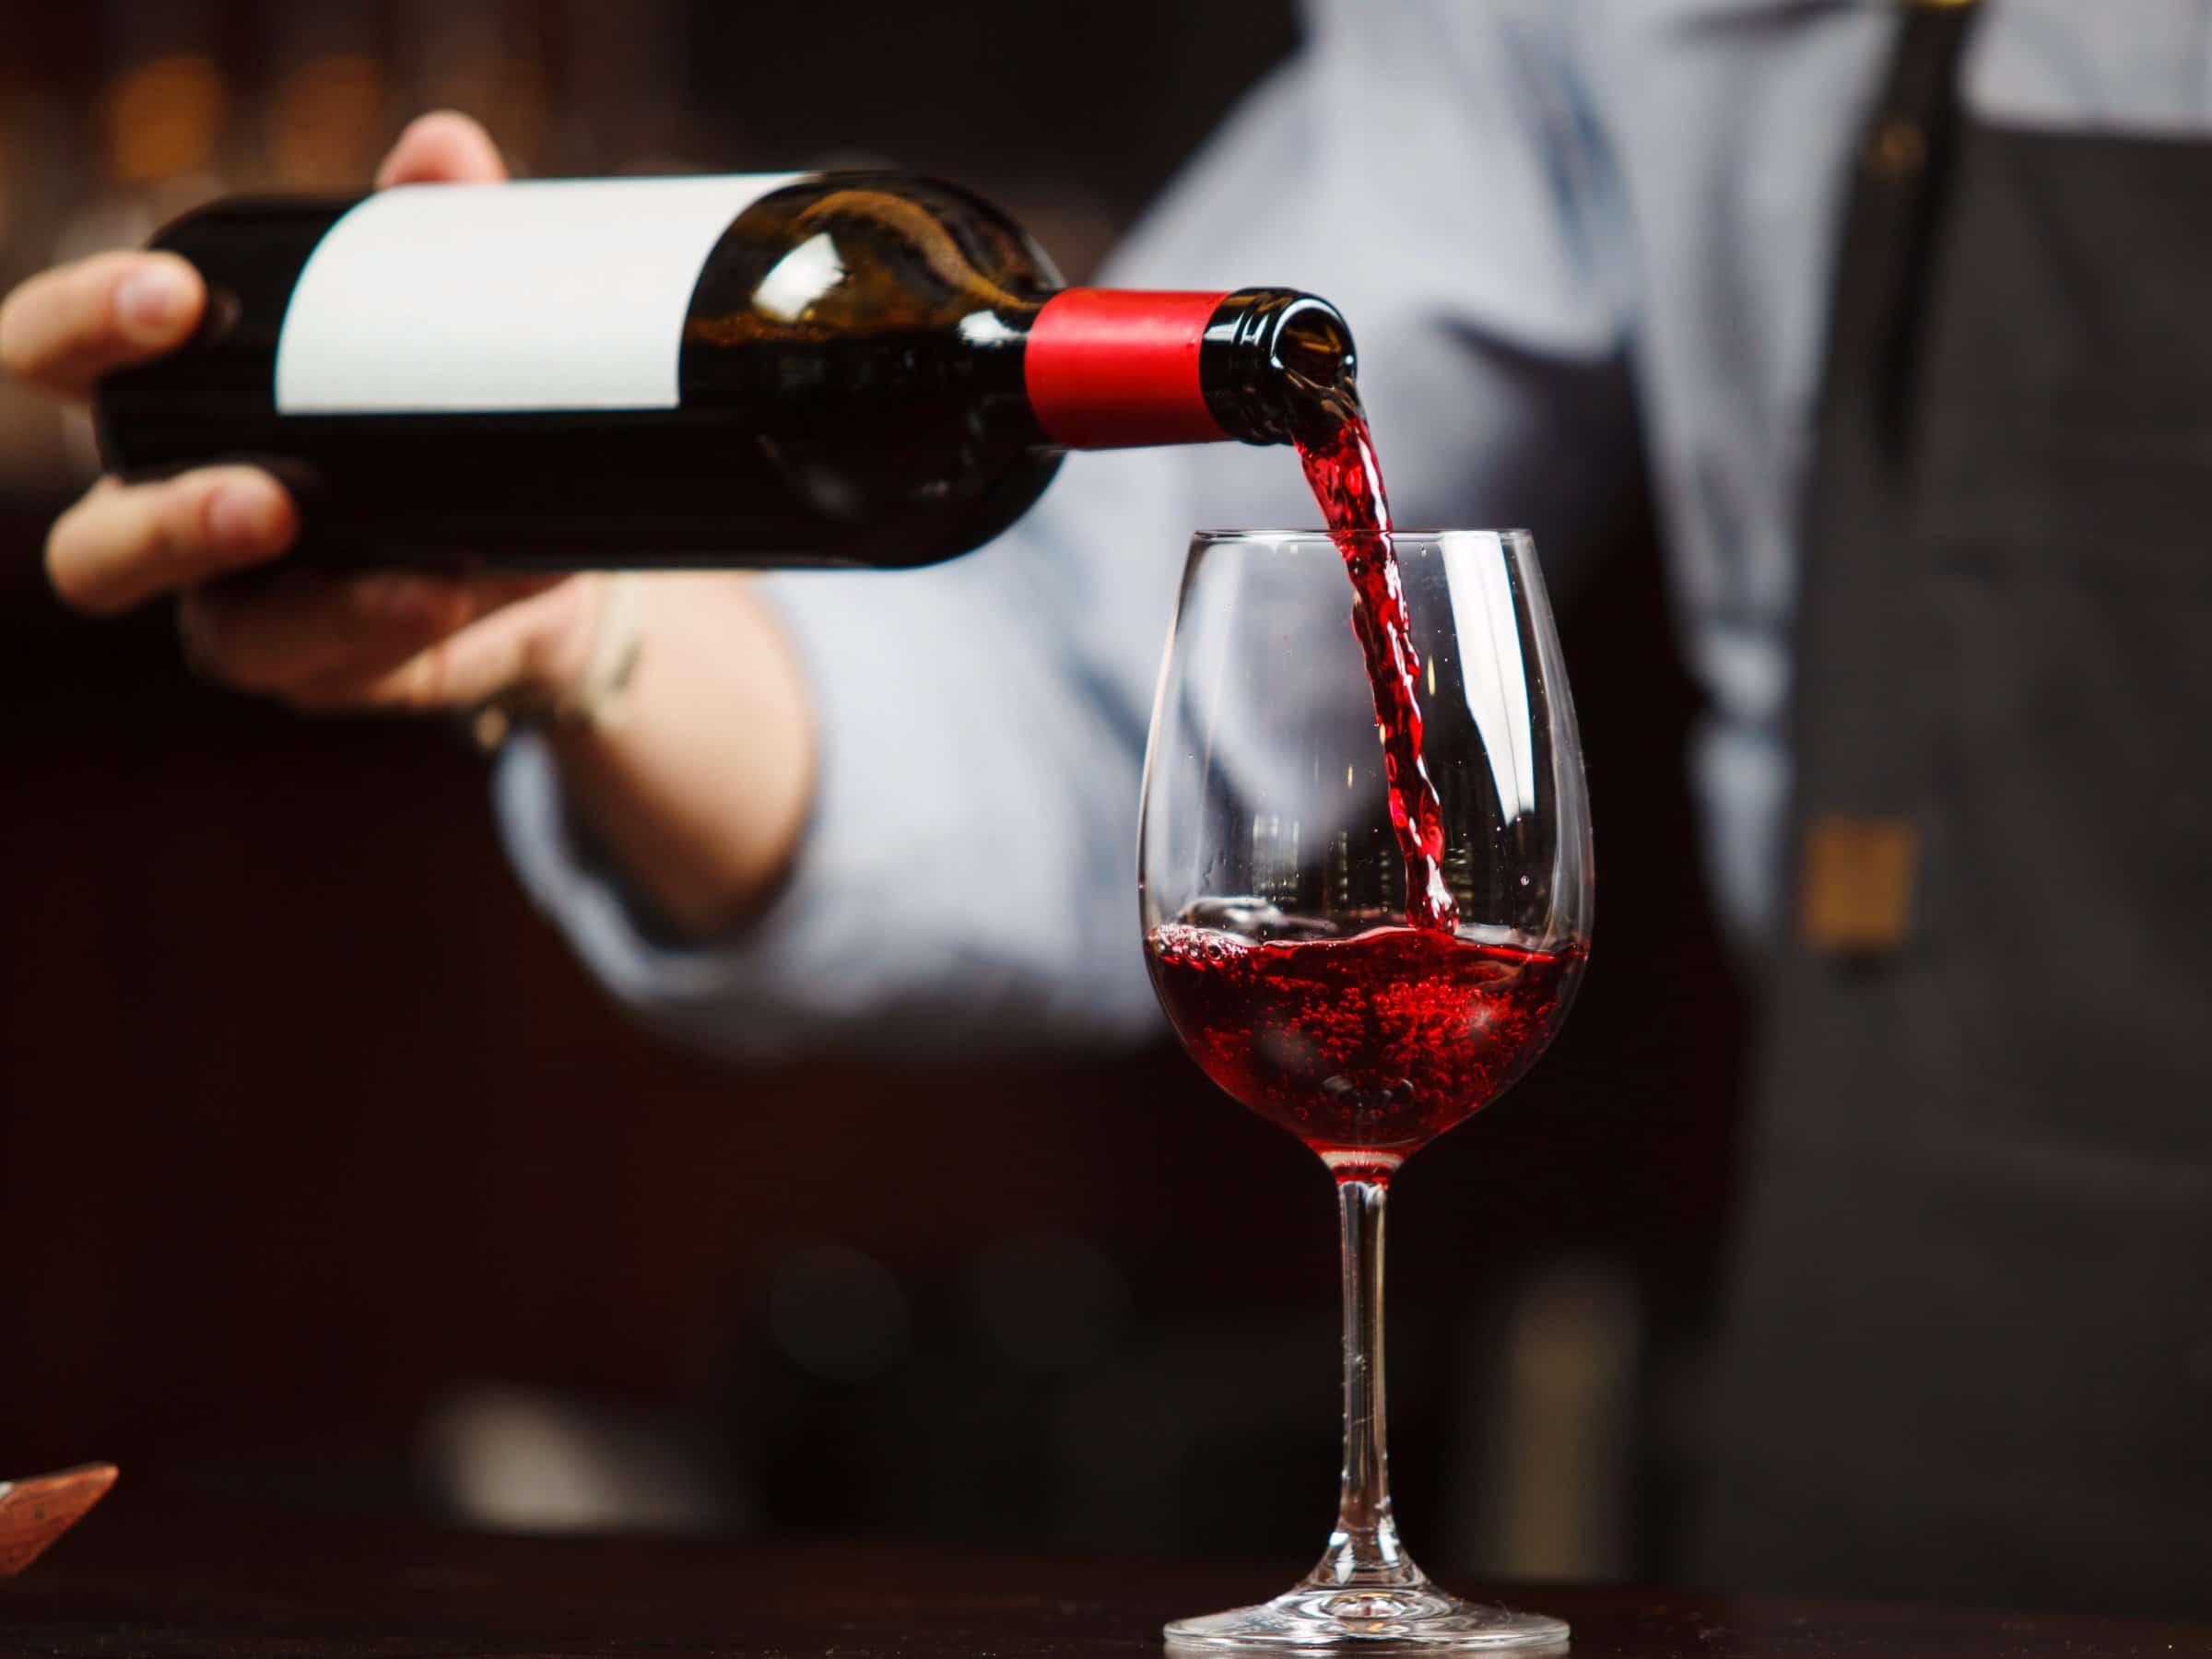 Hướng dẫn bạn cách rót rượu vang đúng chuẩn